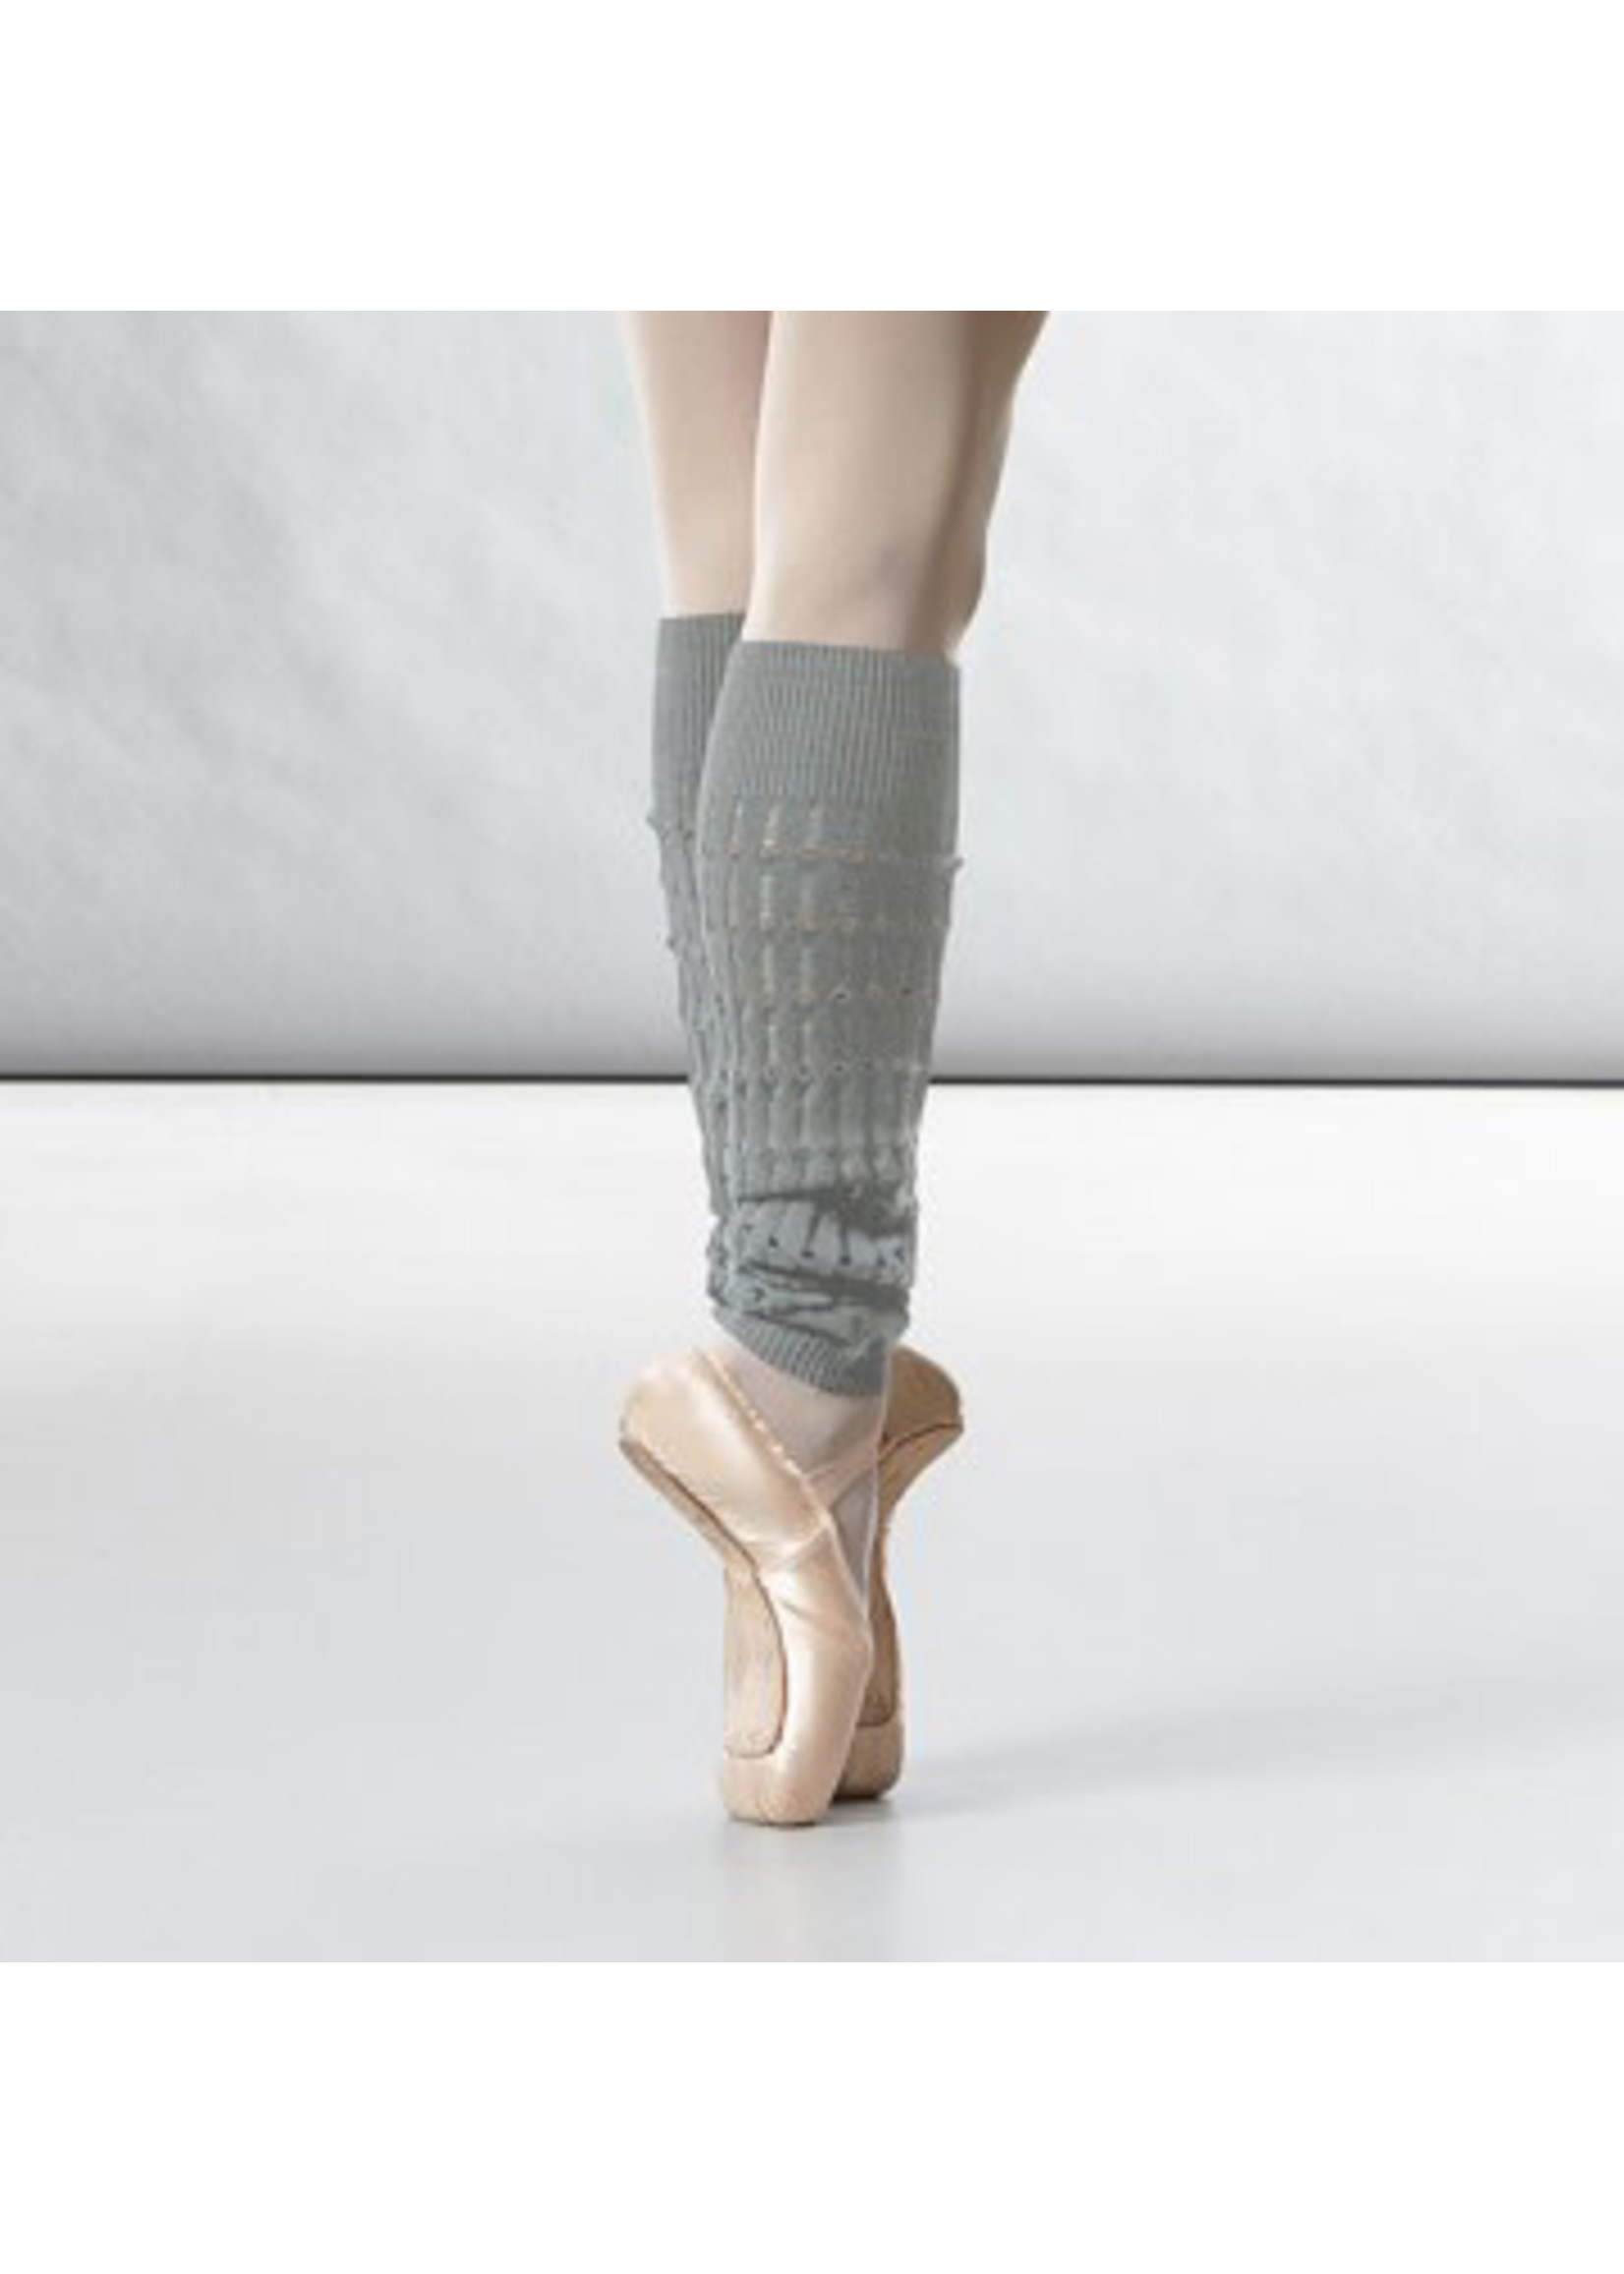 Bloch Réchauffe-jambes texturé Mirari - Bloch - W5520